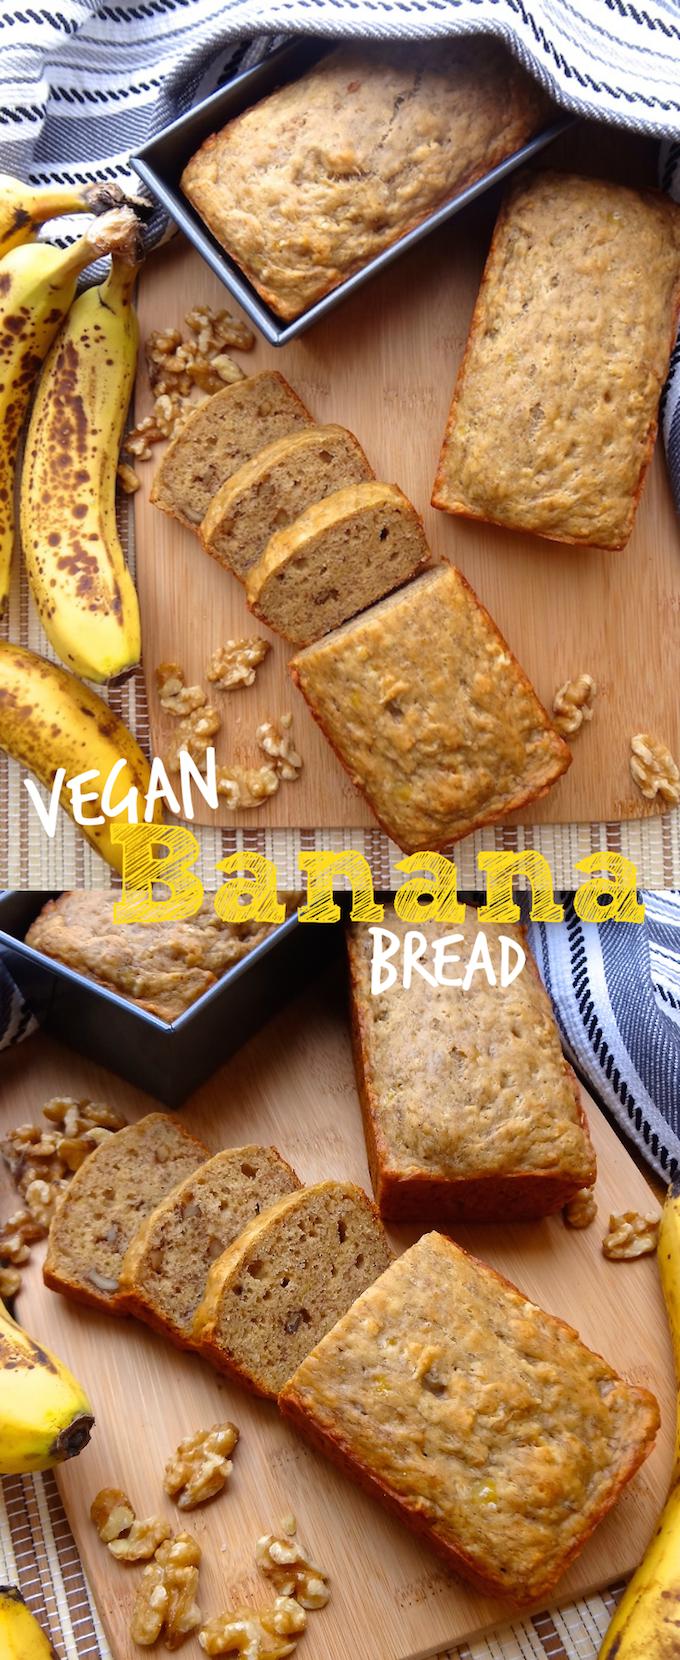 Vegan banana bread with walnuts receta recetas de pan huevos y super moist vegan banana bread recipe egg and dairy free a few simple ingredients forumfinder Images